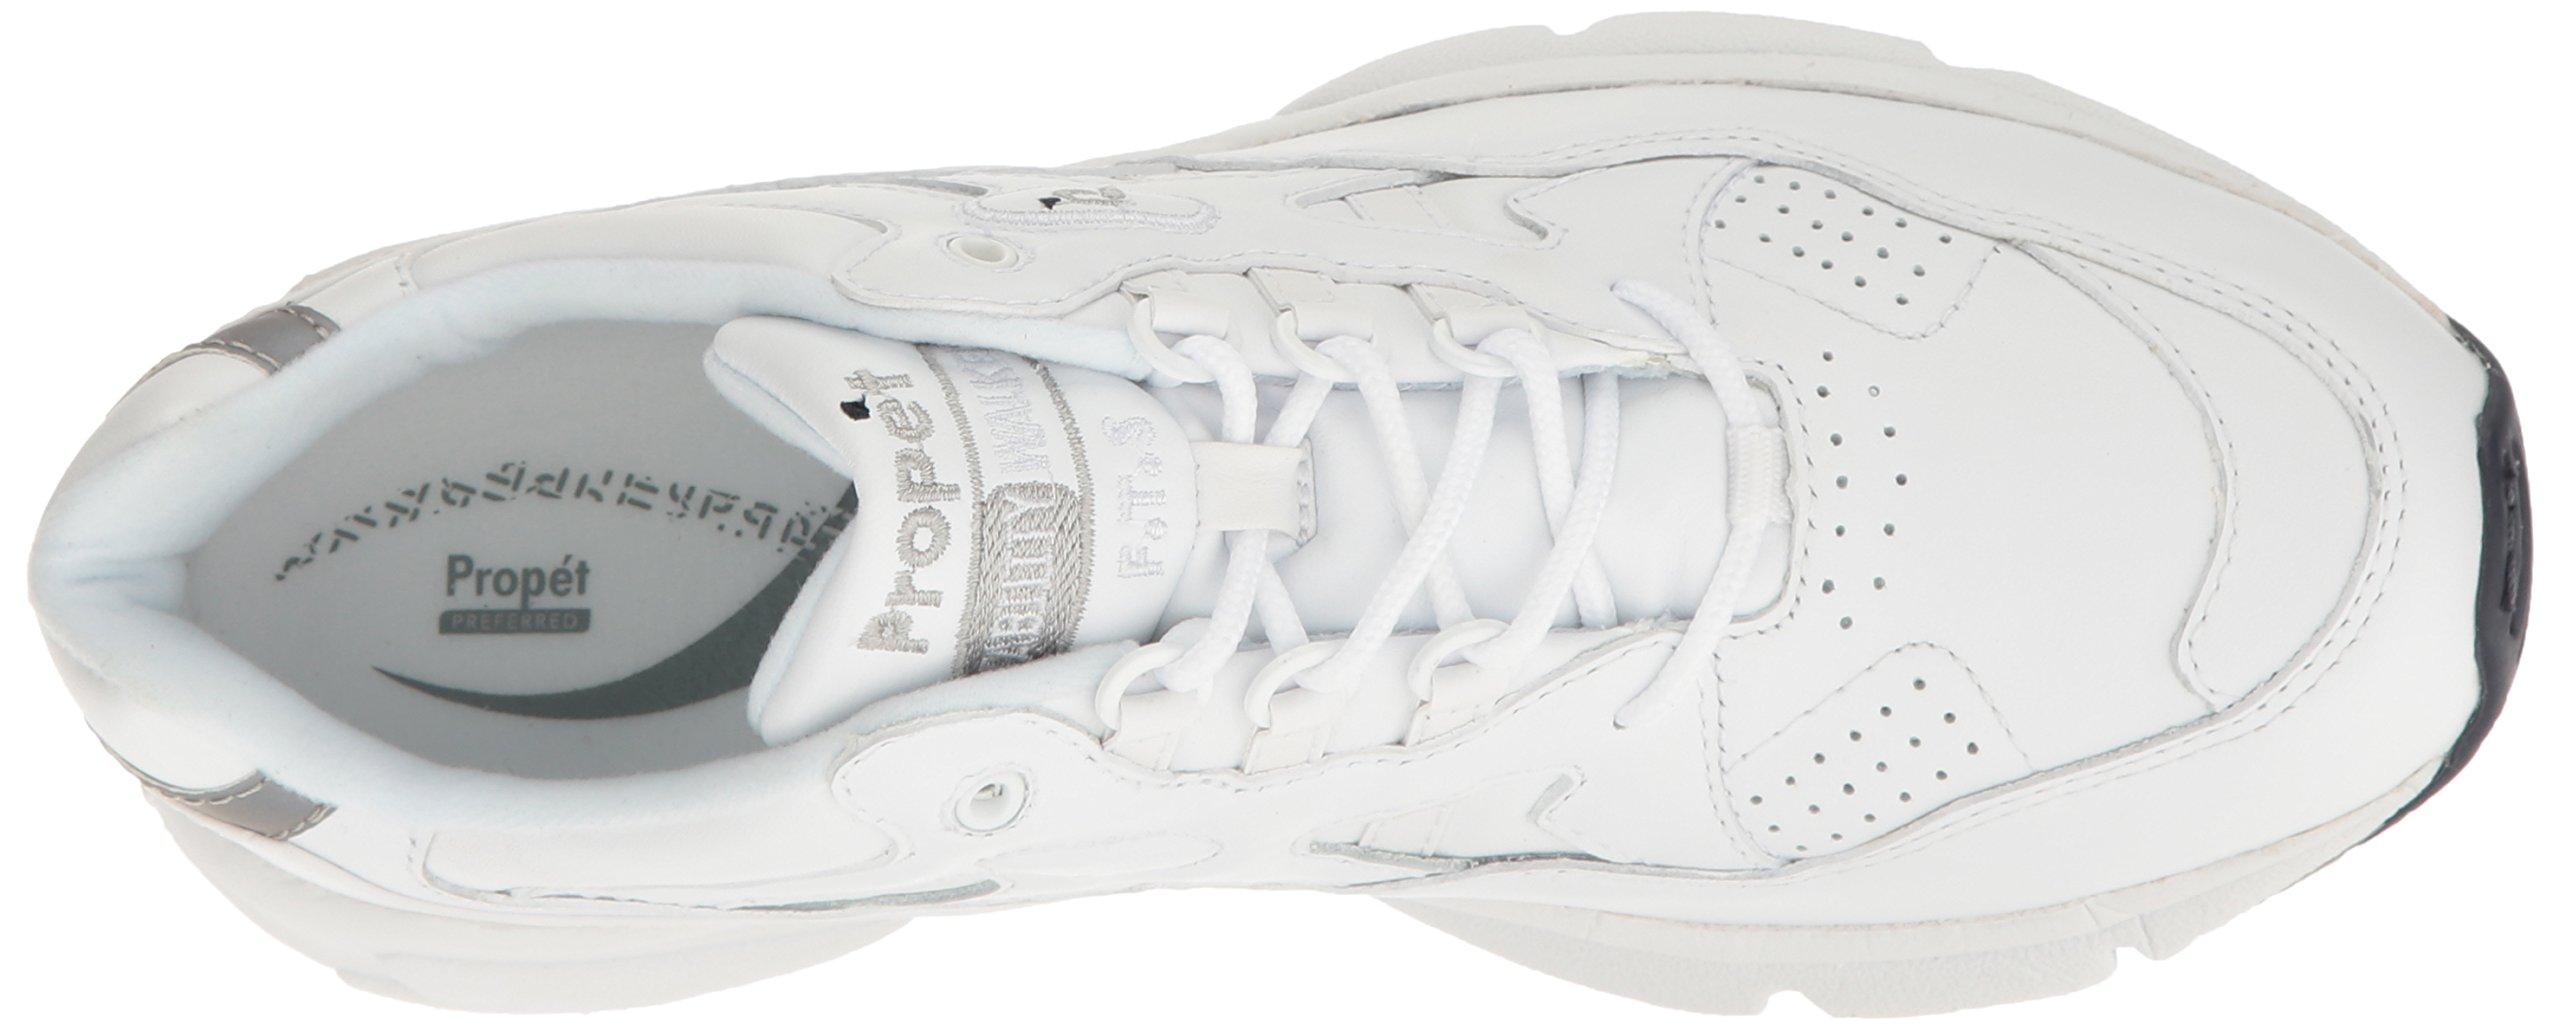 Propet Men's Stability Walker Sneaker, White, 7 3E US